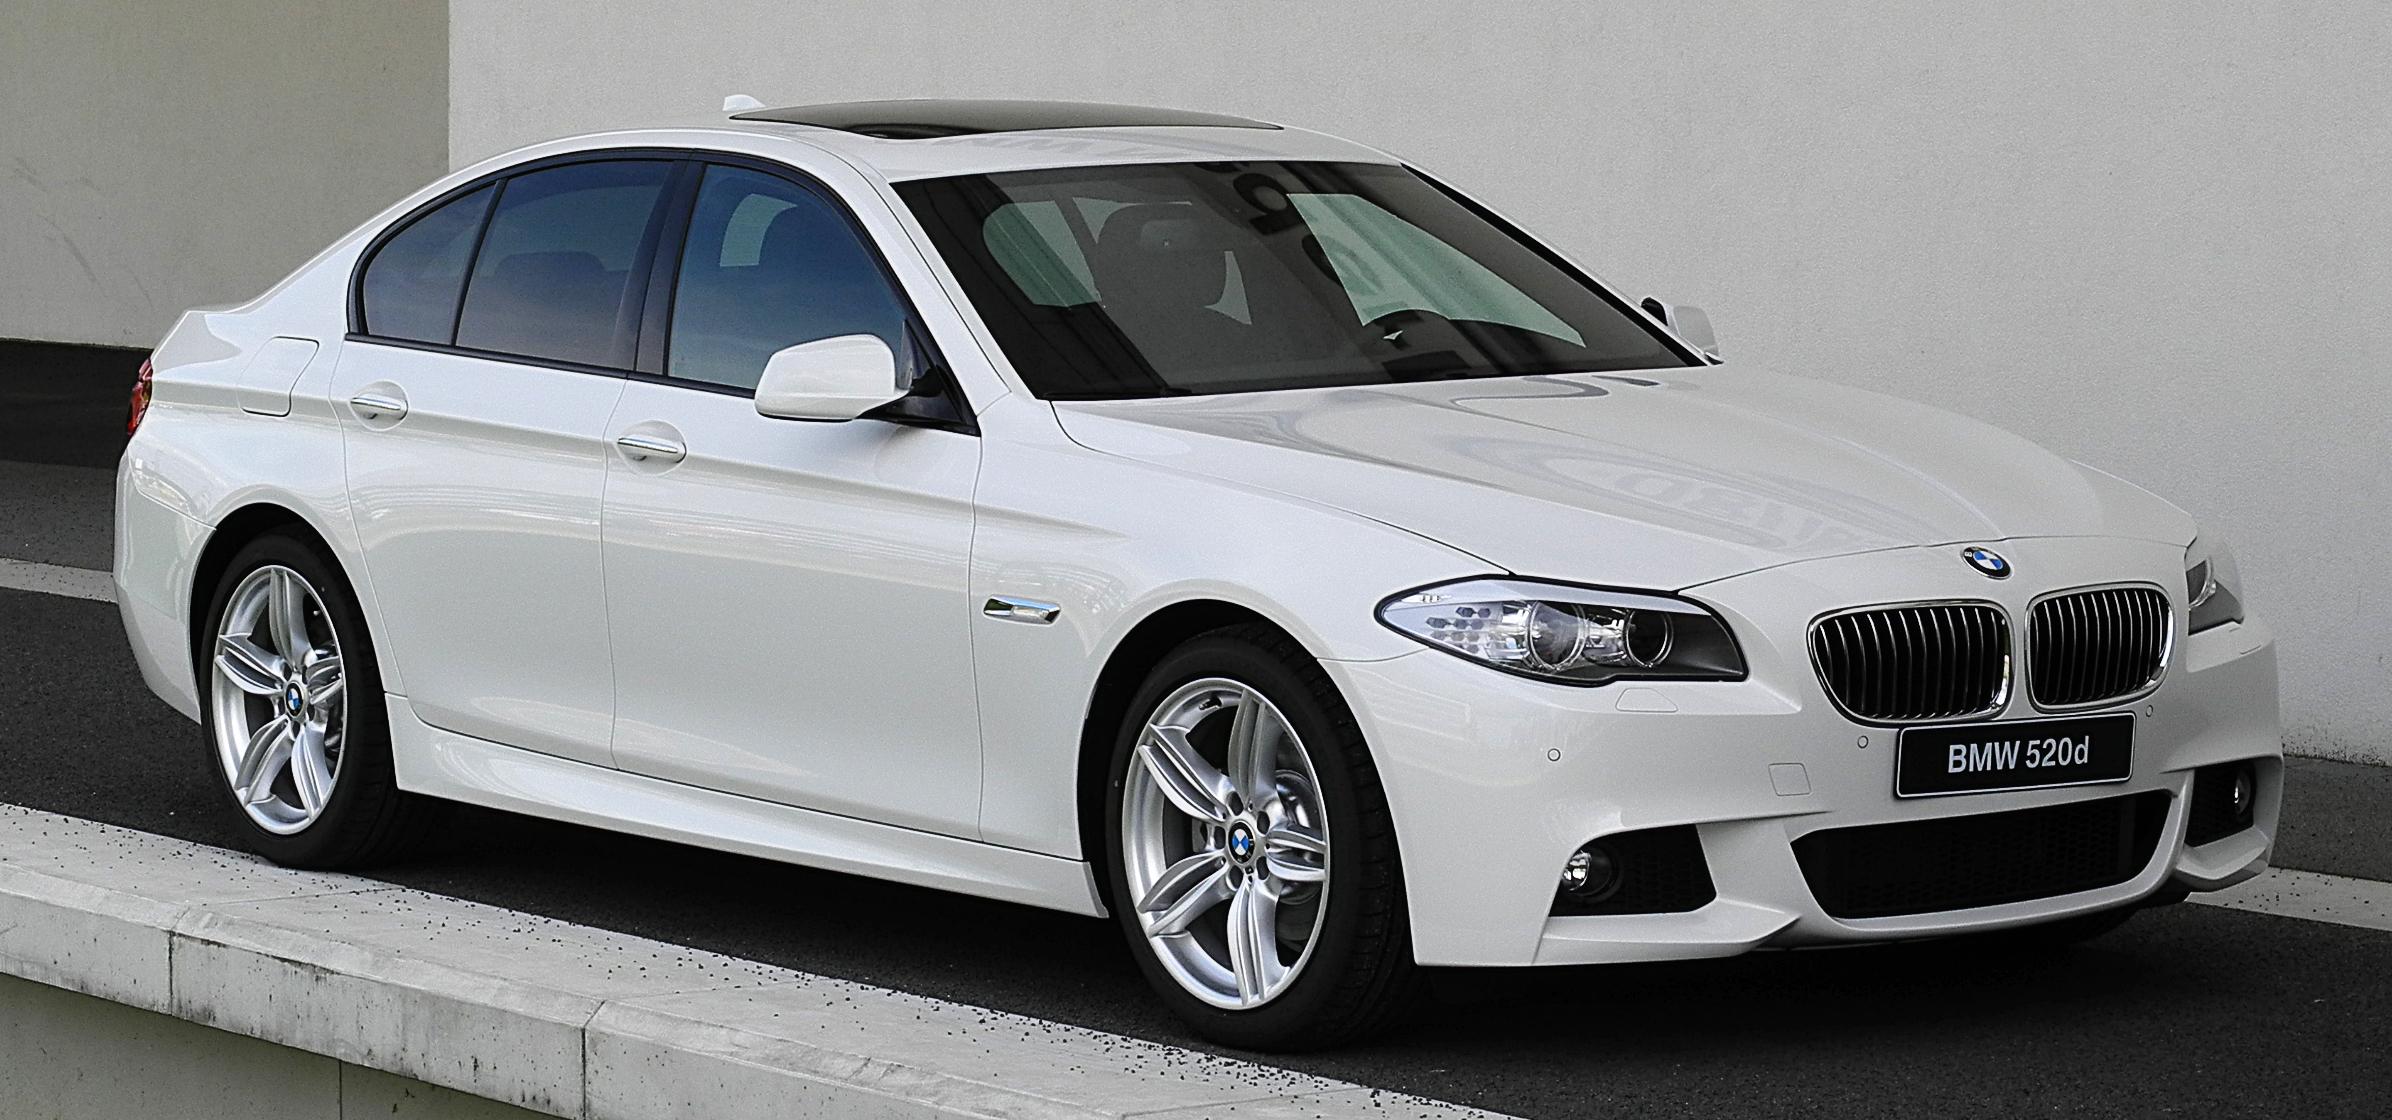 BMW_520d_M-Sportpaket_(F10).jpg